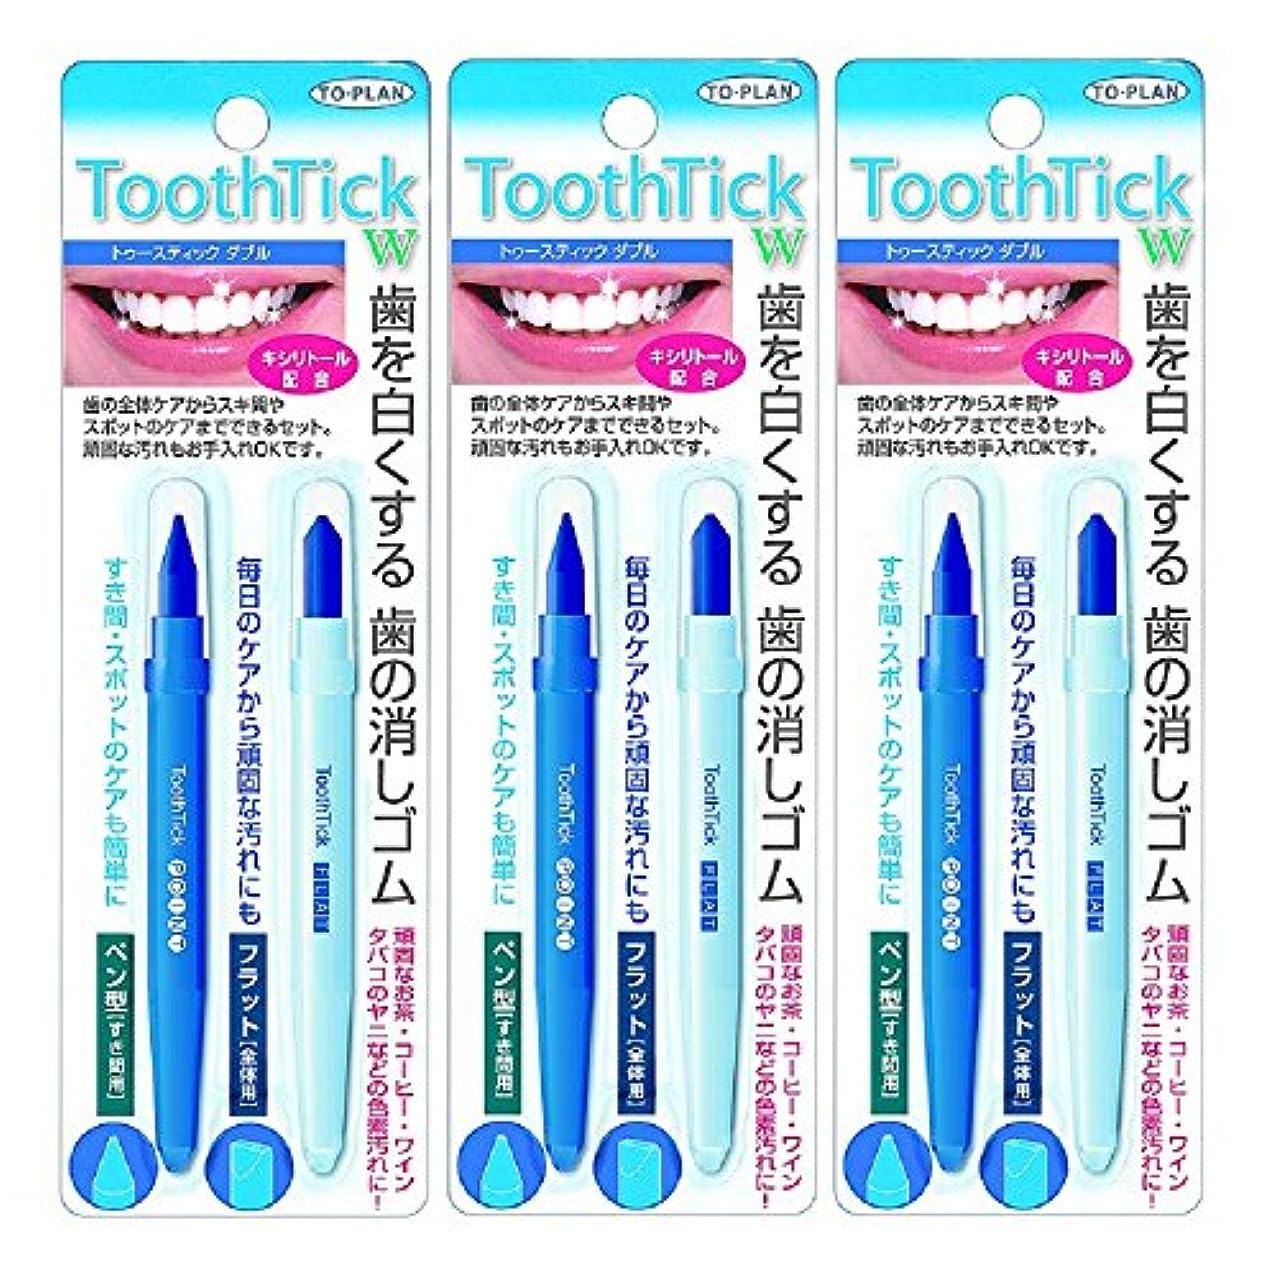 シアーヘッドレス正確なトプラン 歯の消しゴム トゥースティック ダブル TKSA-03 3個セット